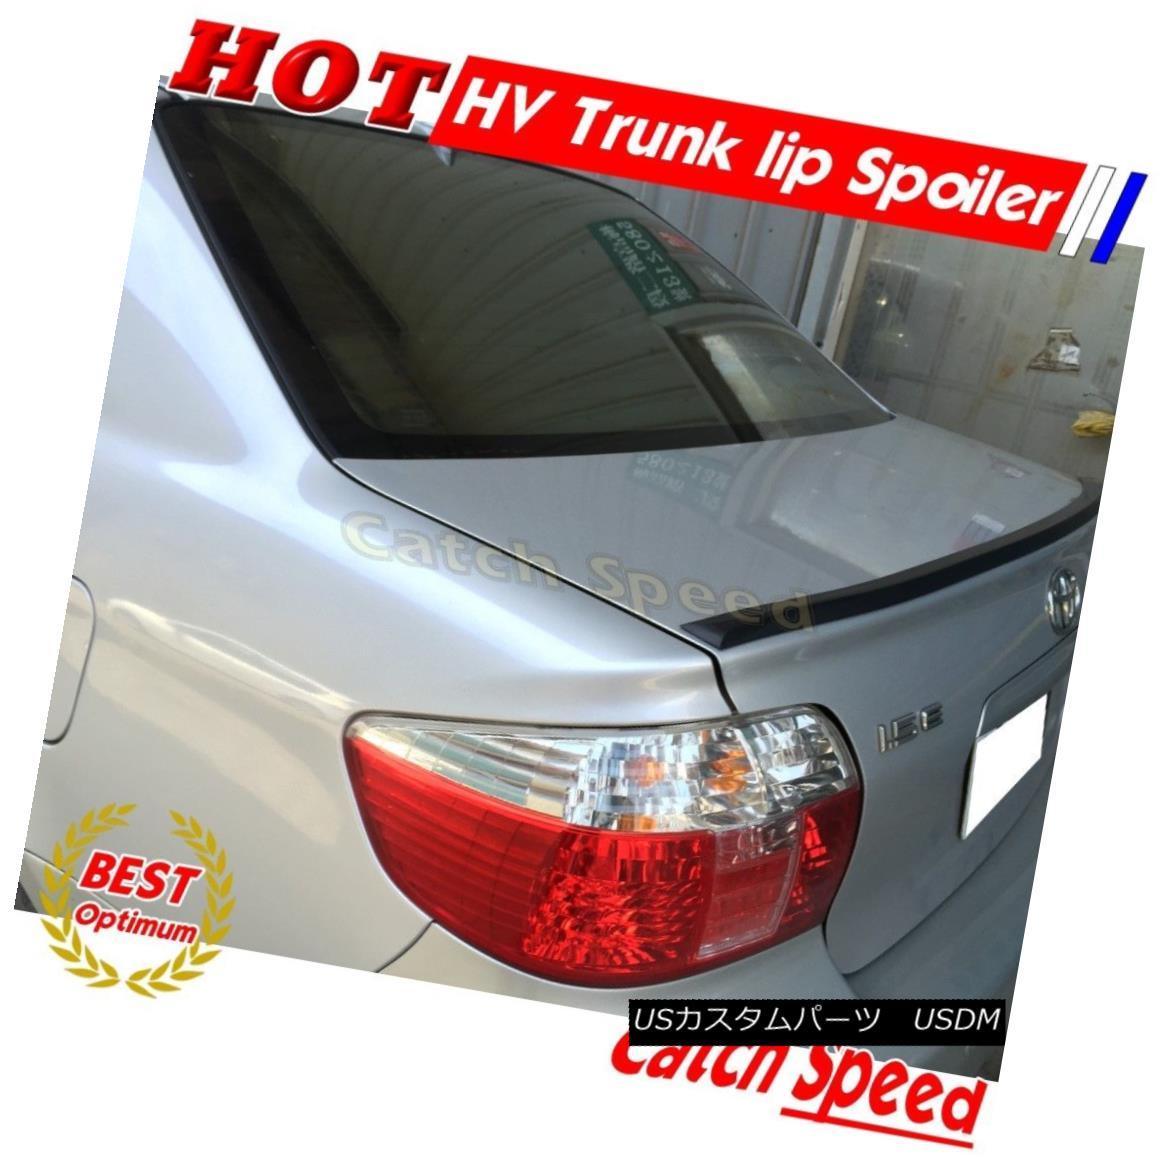 エアロパーツ Flat Black HV Type Rear Boot Trunk Lip Spoiler For Acura CL 2001 02 03 Coupe ? フラットブラックHVタイプリアブーツトランクリップスポイラーアキュラCL 2001 02 03クーペ?